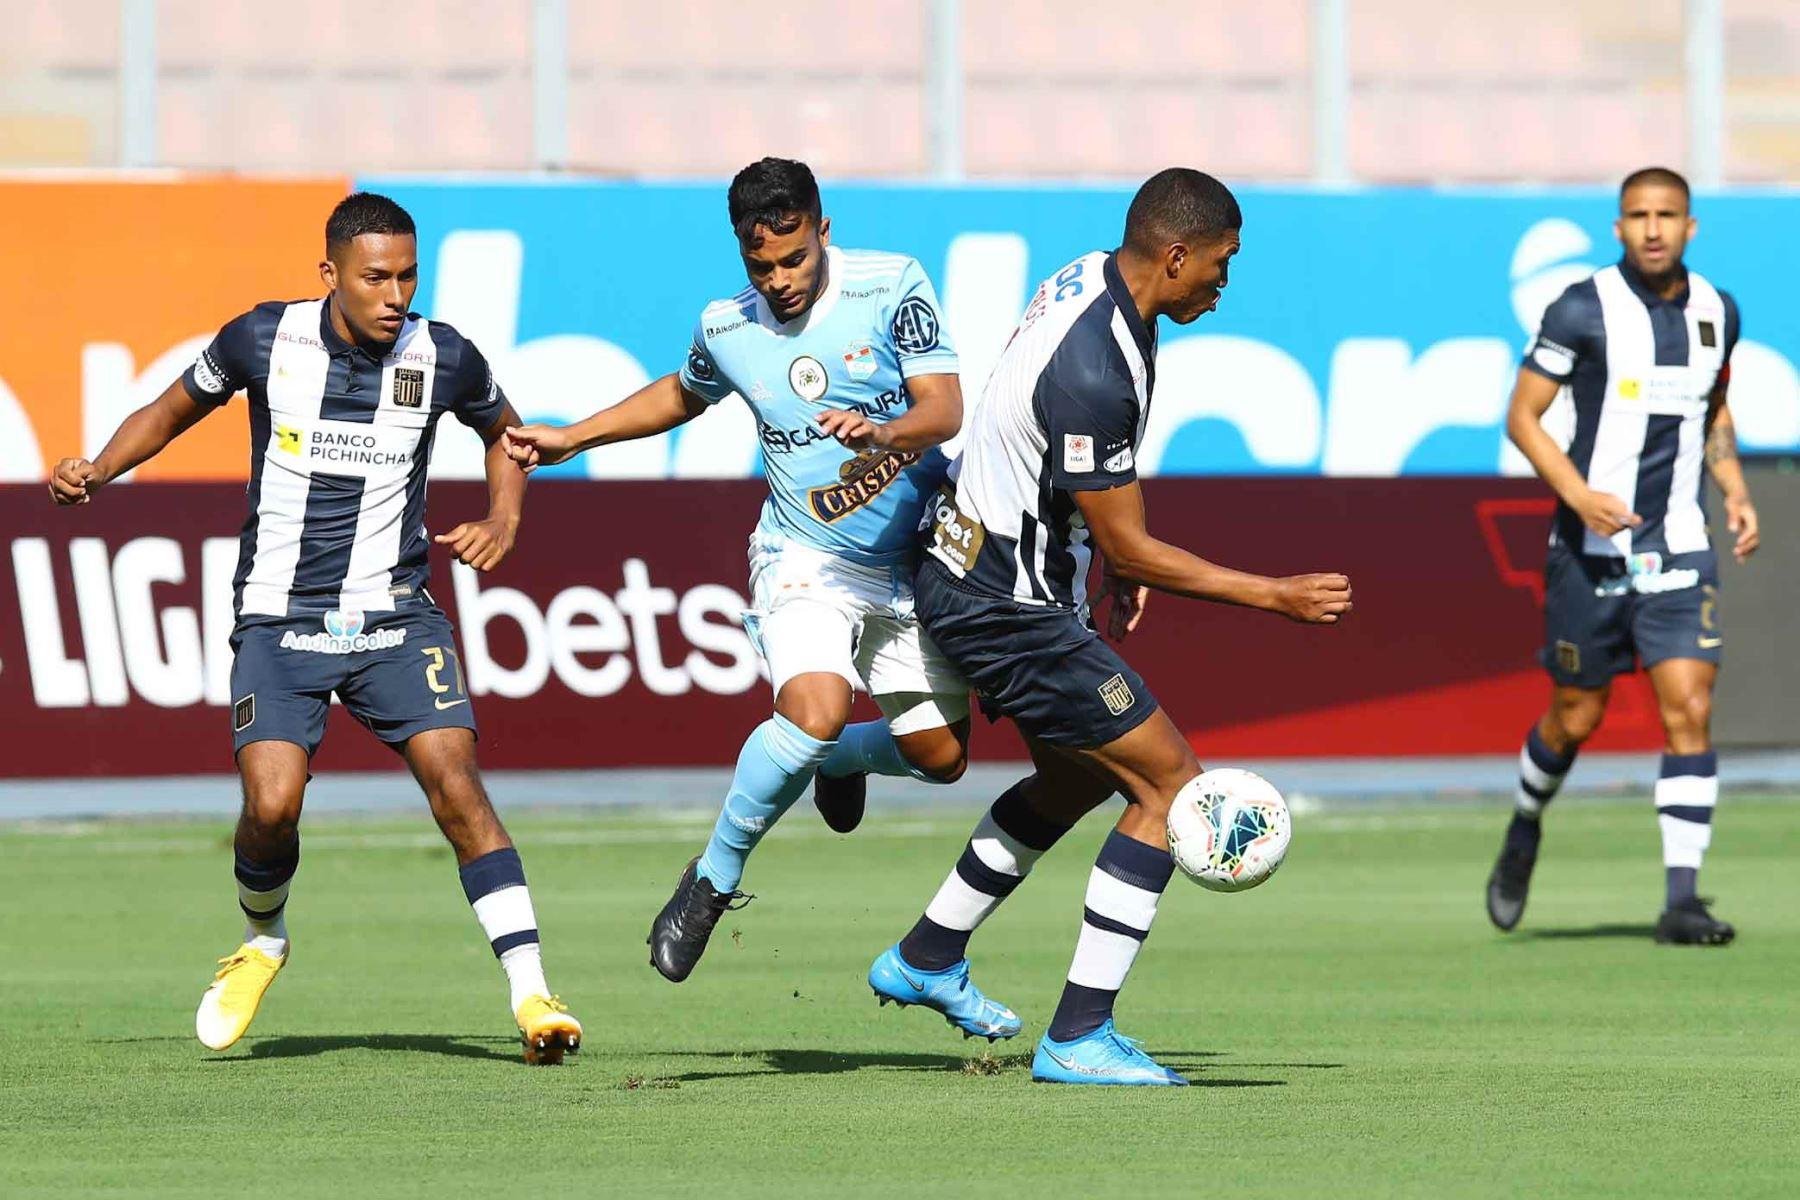 El jugador Valenzuela de Alianza Lima disputa el balón con el jugadores de Cristal  por la sexta fecha de la fase 1, en el estadio Nacional .  Foto: Liga 1